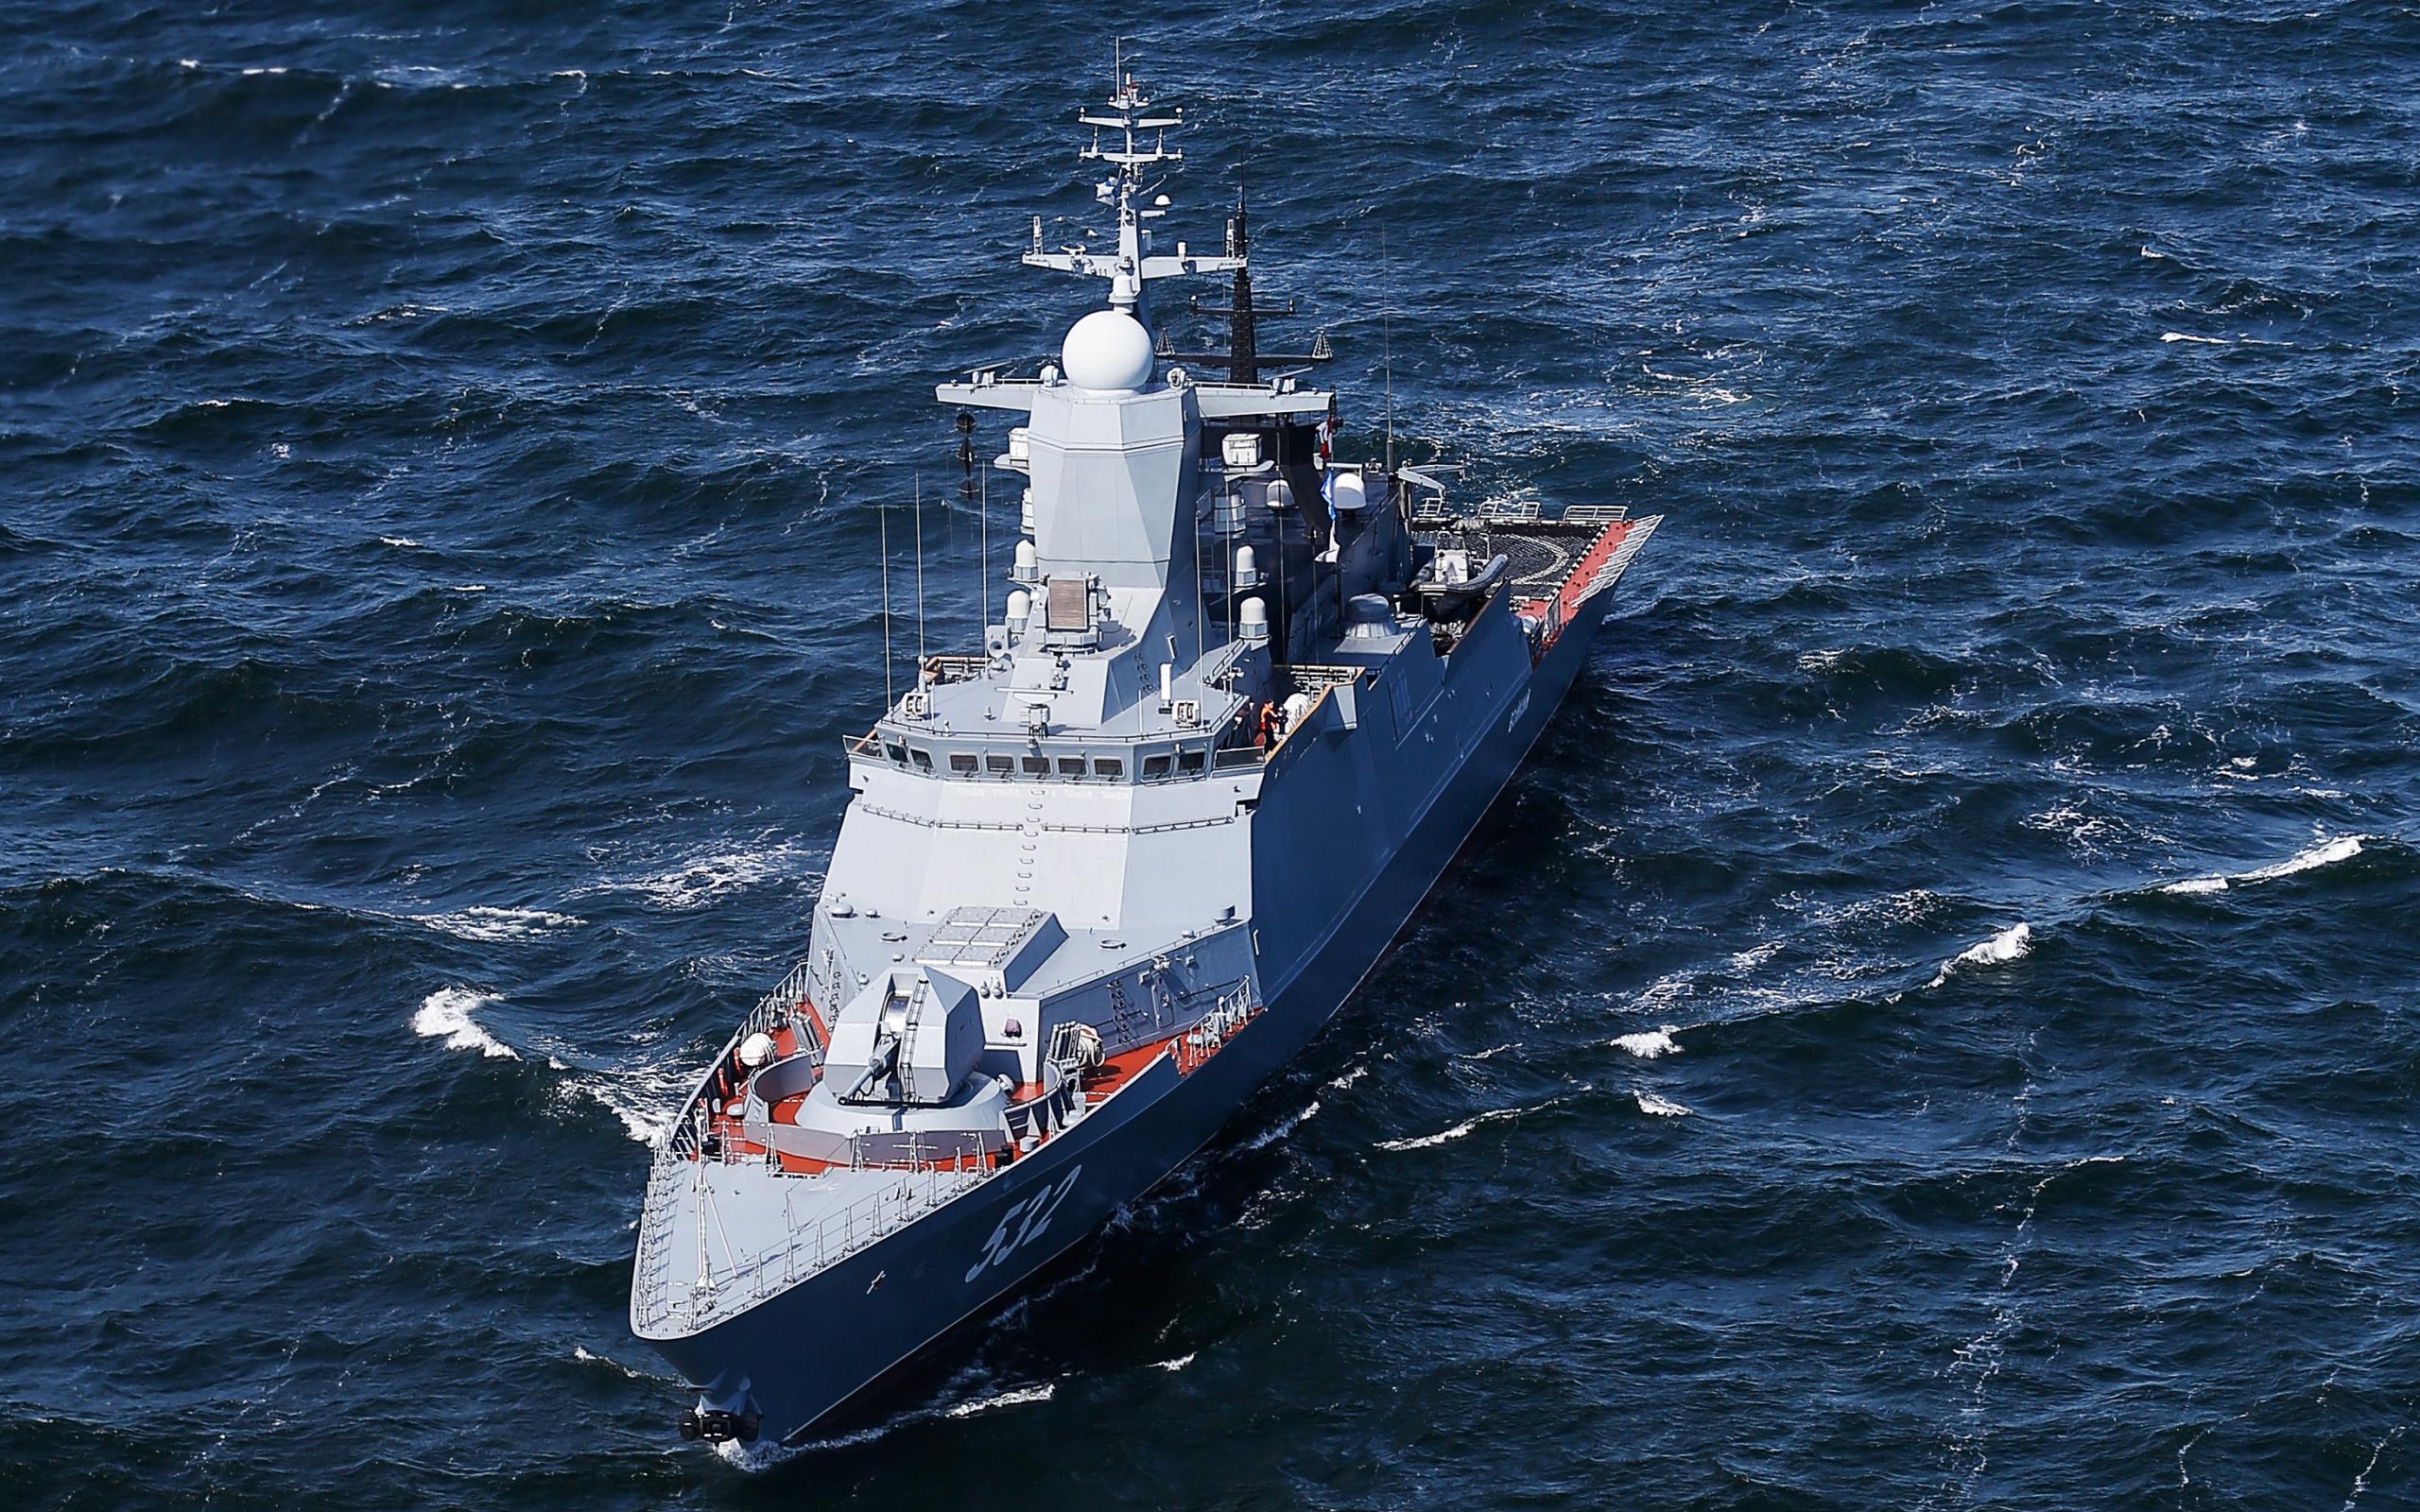 центре фотографии современных кораблей вмф россии сожалению, они передают